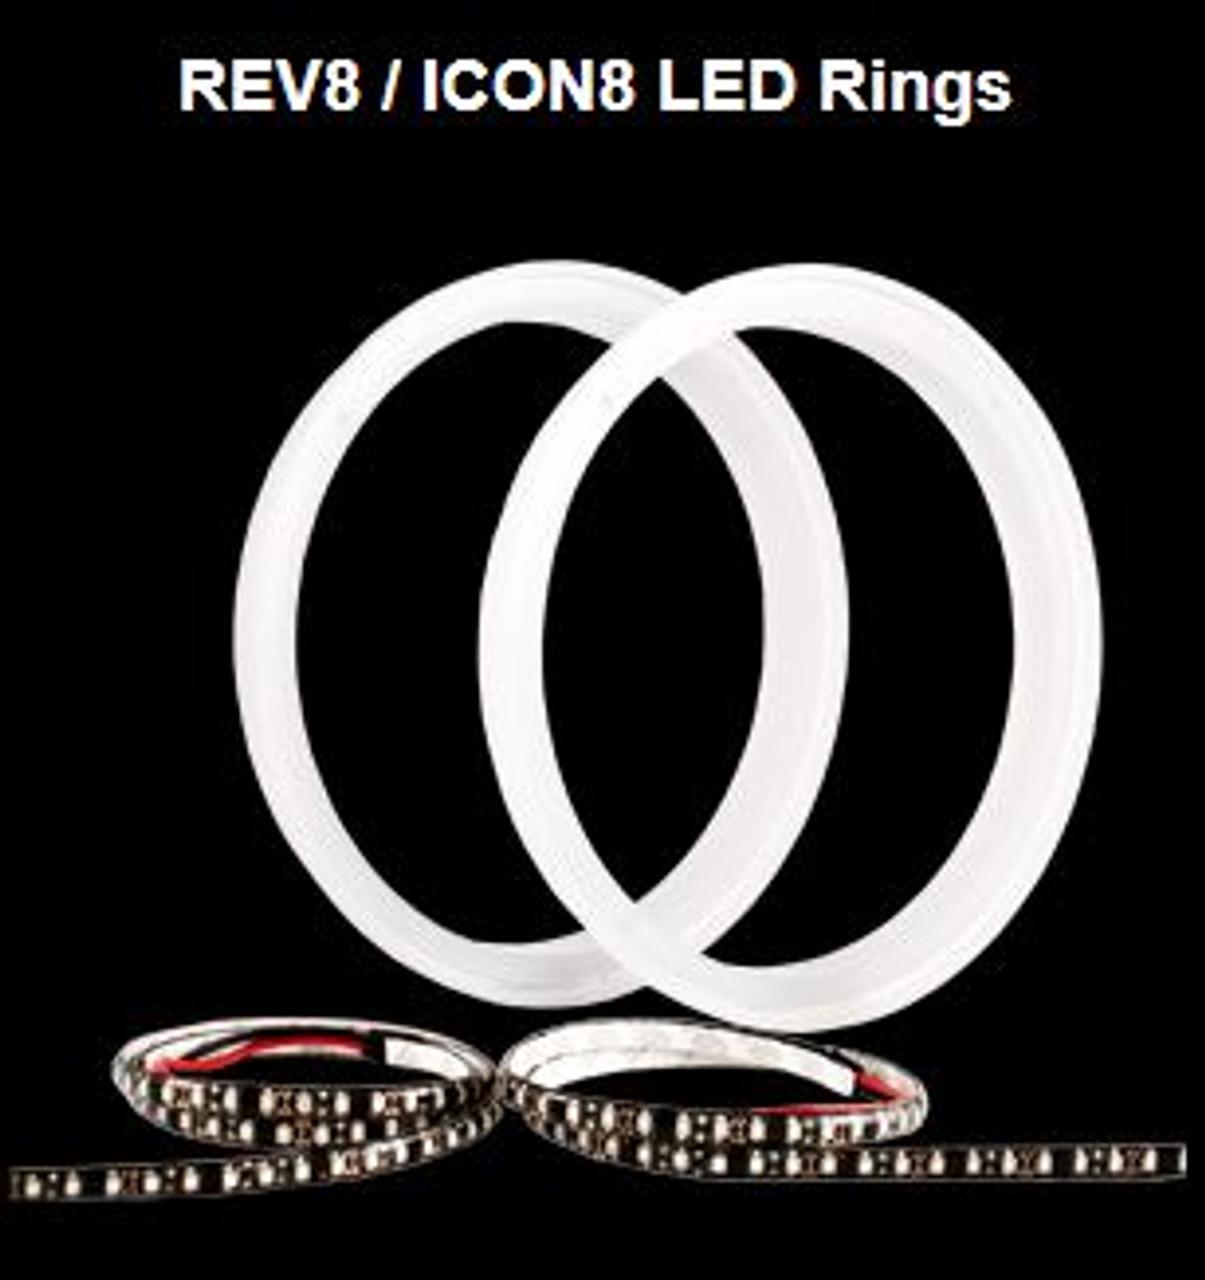 Rev 8 LED Rings